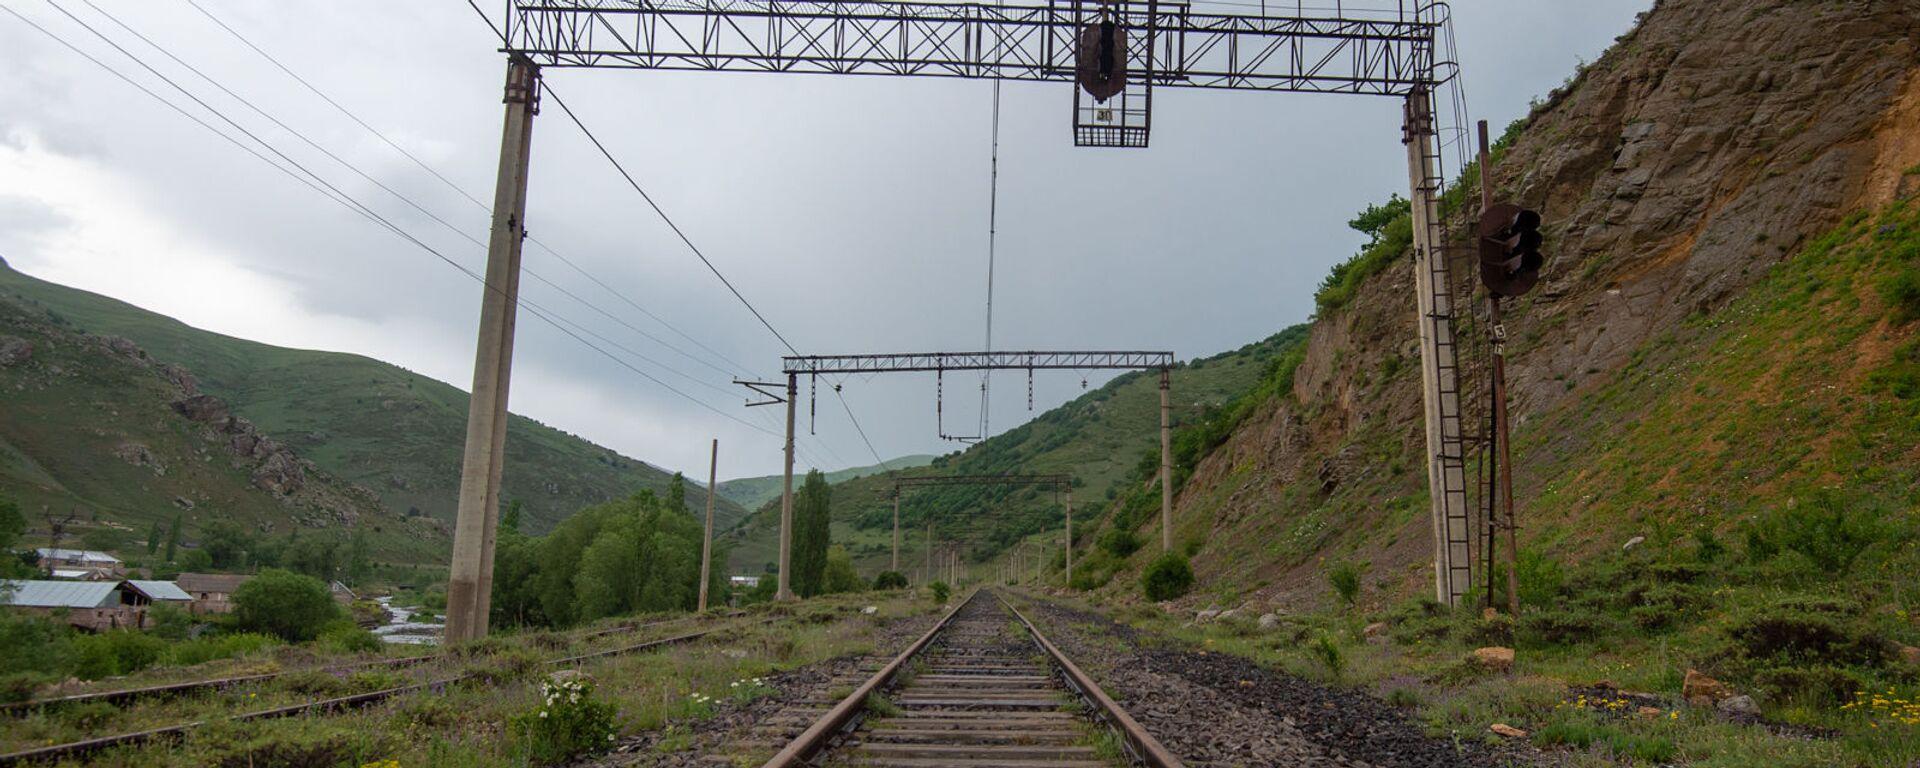 Железная дорога - Sputnik Армения, 1920, 08.09.2021